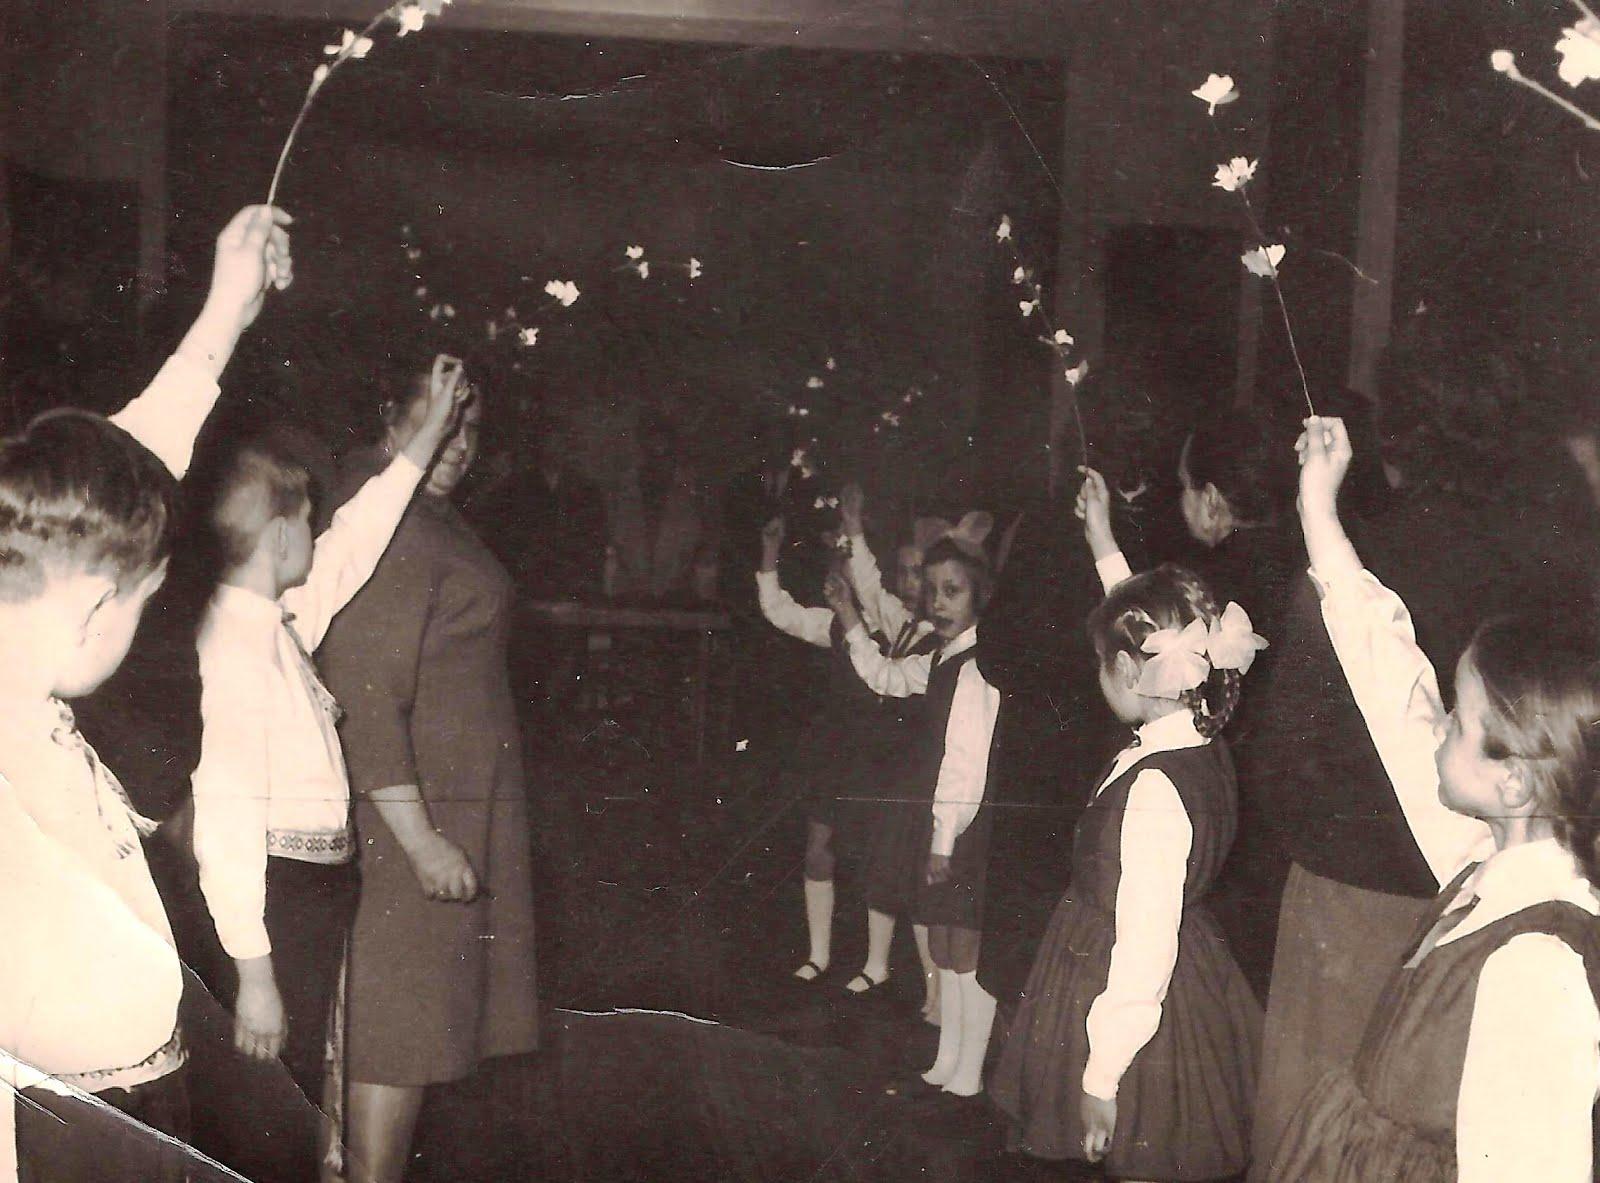 Pensionāru vakars ( pa vidu Dzintra ) - bērni veido ziedu aleju vecajiem ļaudīm